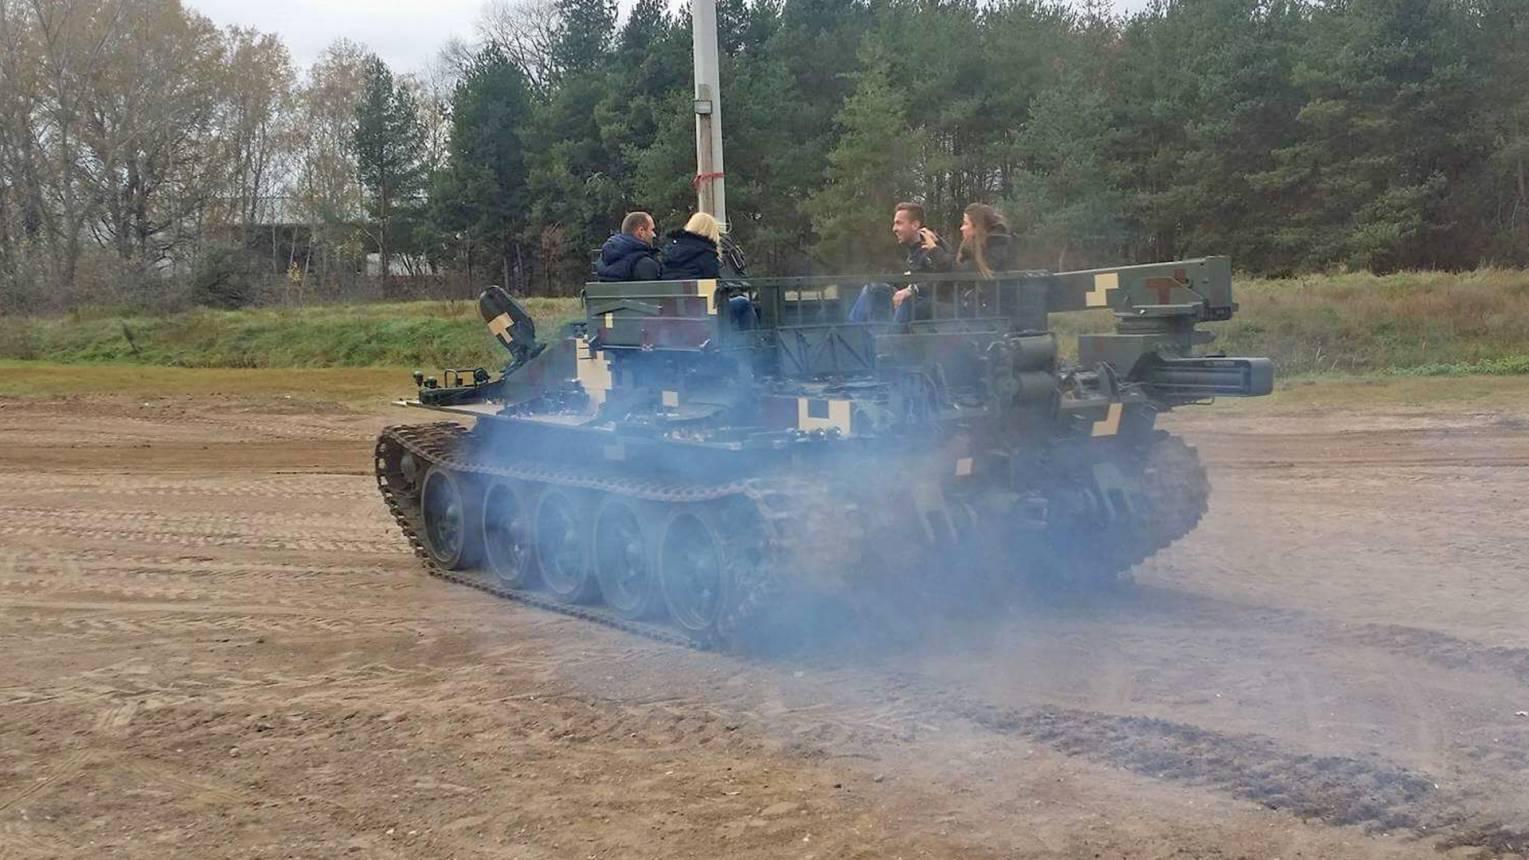 Tankrodeózás Gyálon VT-55 harckocsin a BIKÁN